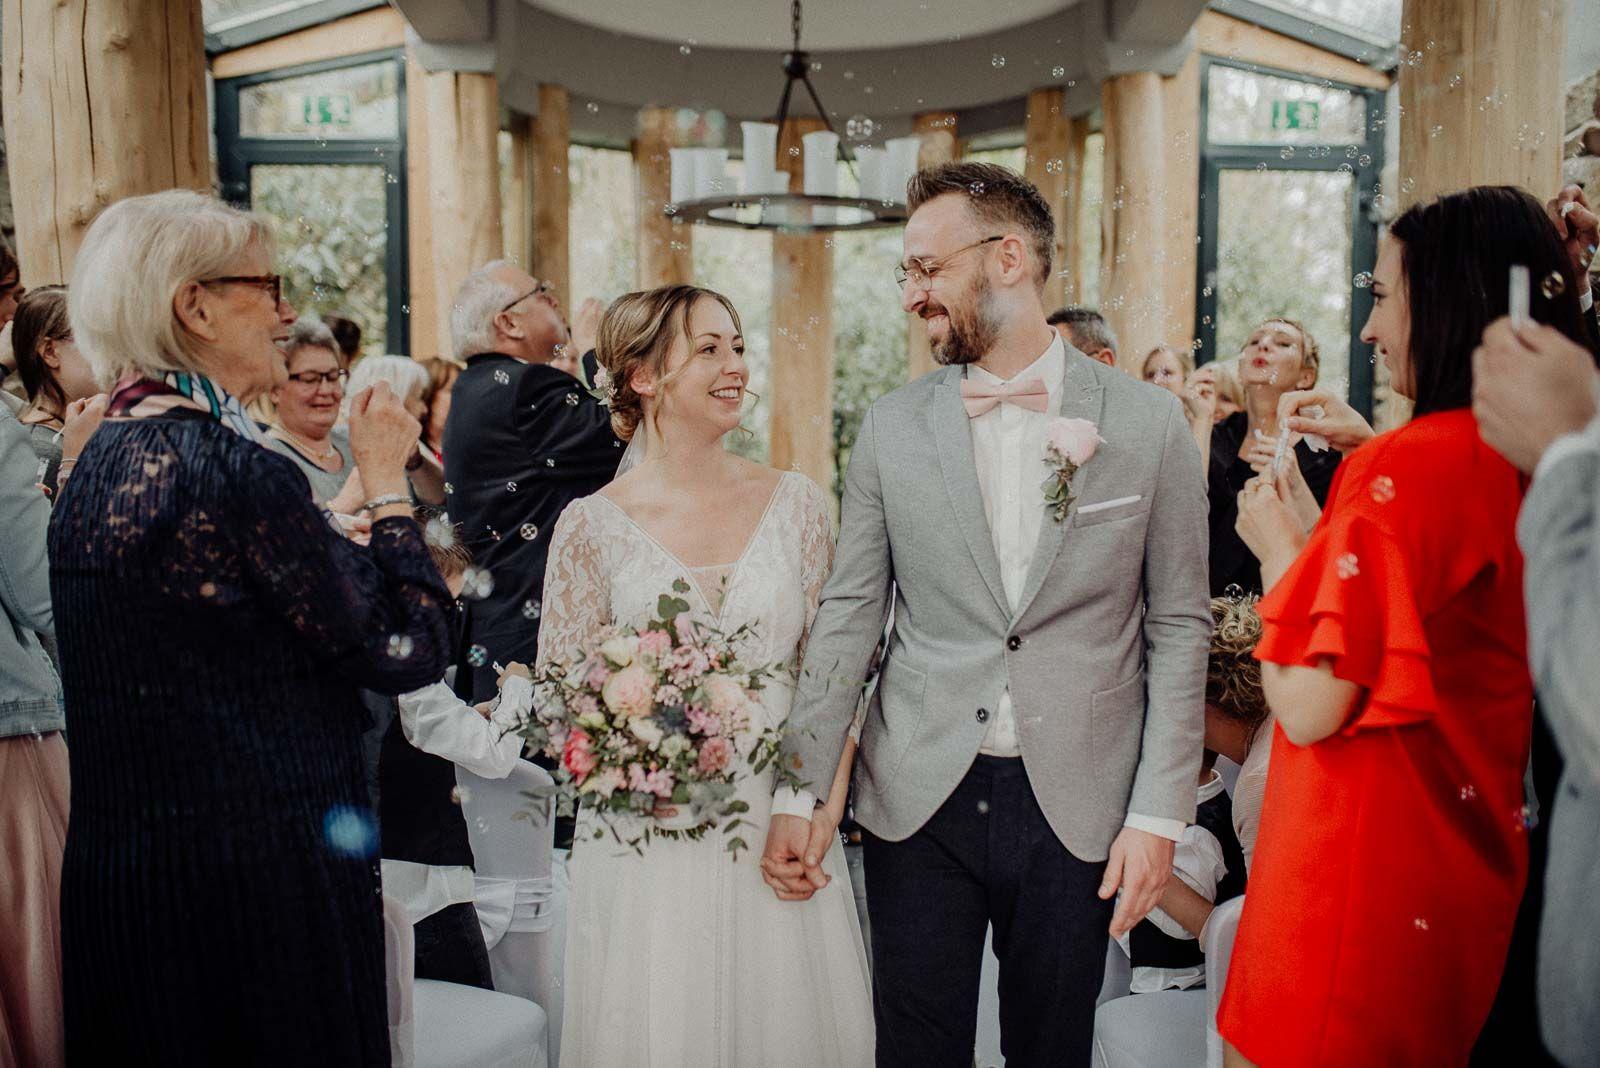 Auszug Aus Dem Confideum Nach Der Standesamtlichen Trauung Im Landhotel Voshovel In 2020 Standesamtliche Trauung Hochzeitskleid Spitze Hochzeit